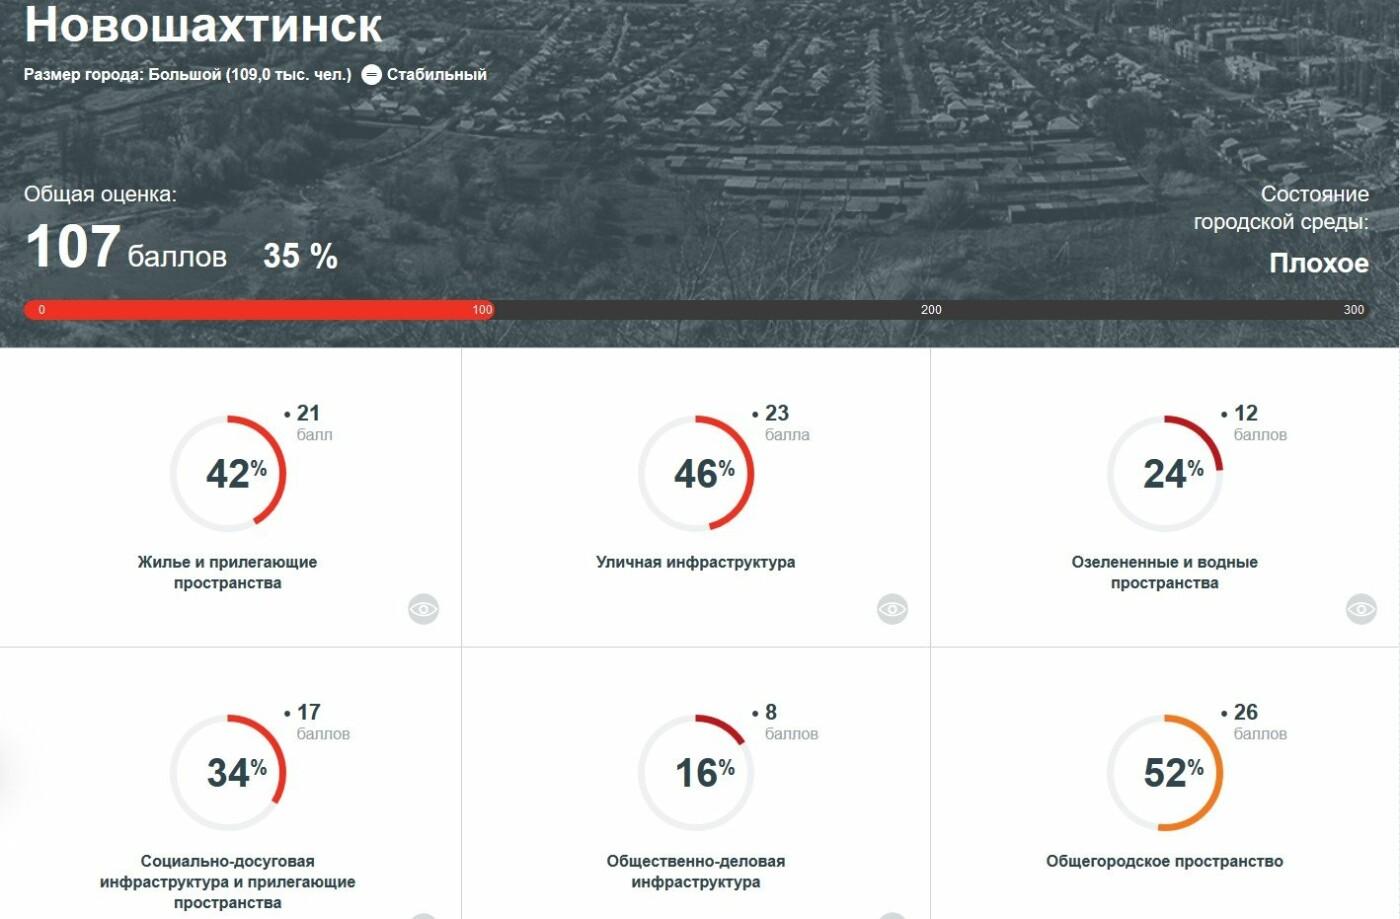 """Состояние городской среды Новошахтинска оценено как """"плохое"""", фото-1"""